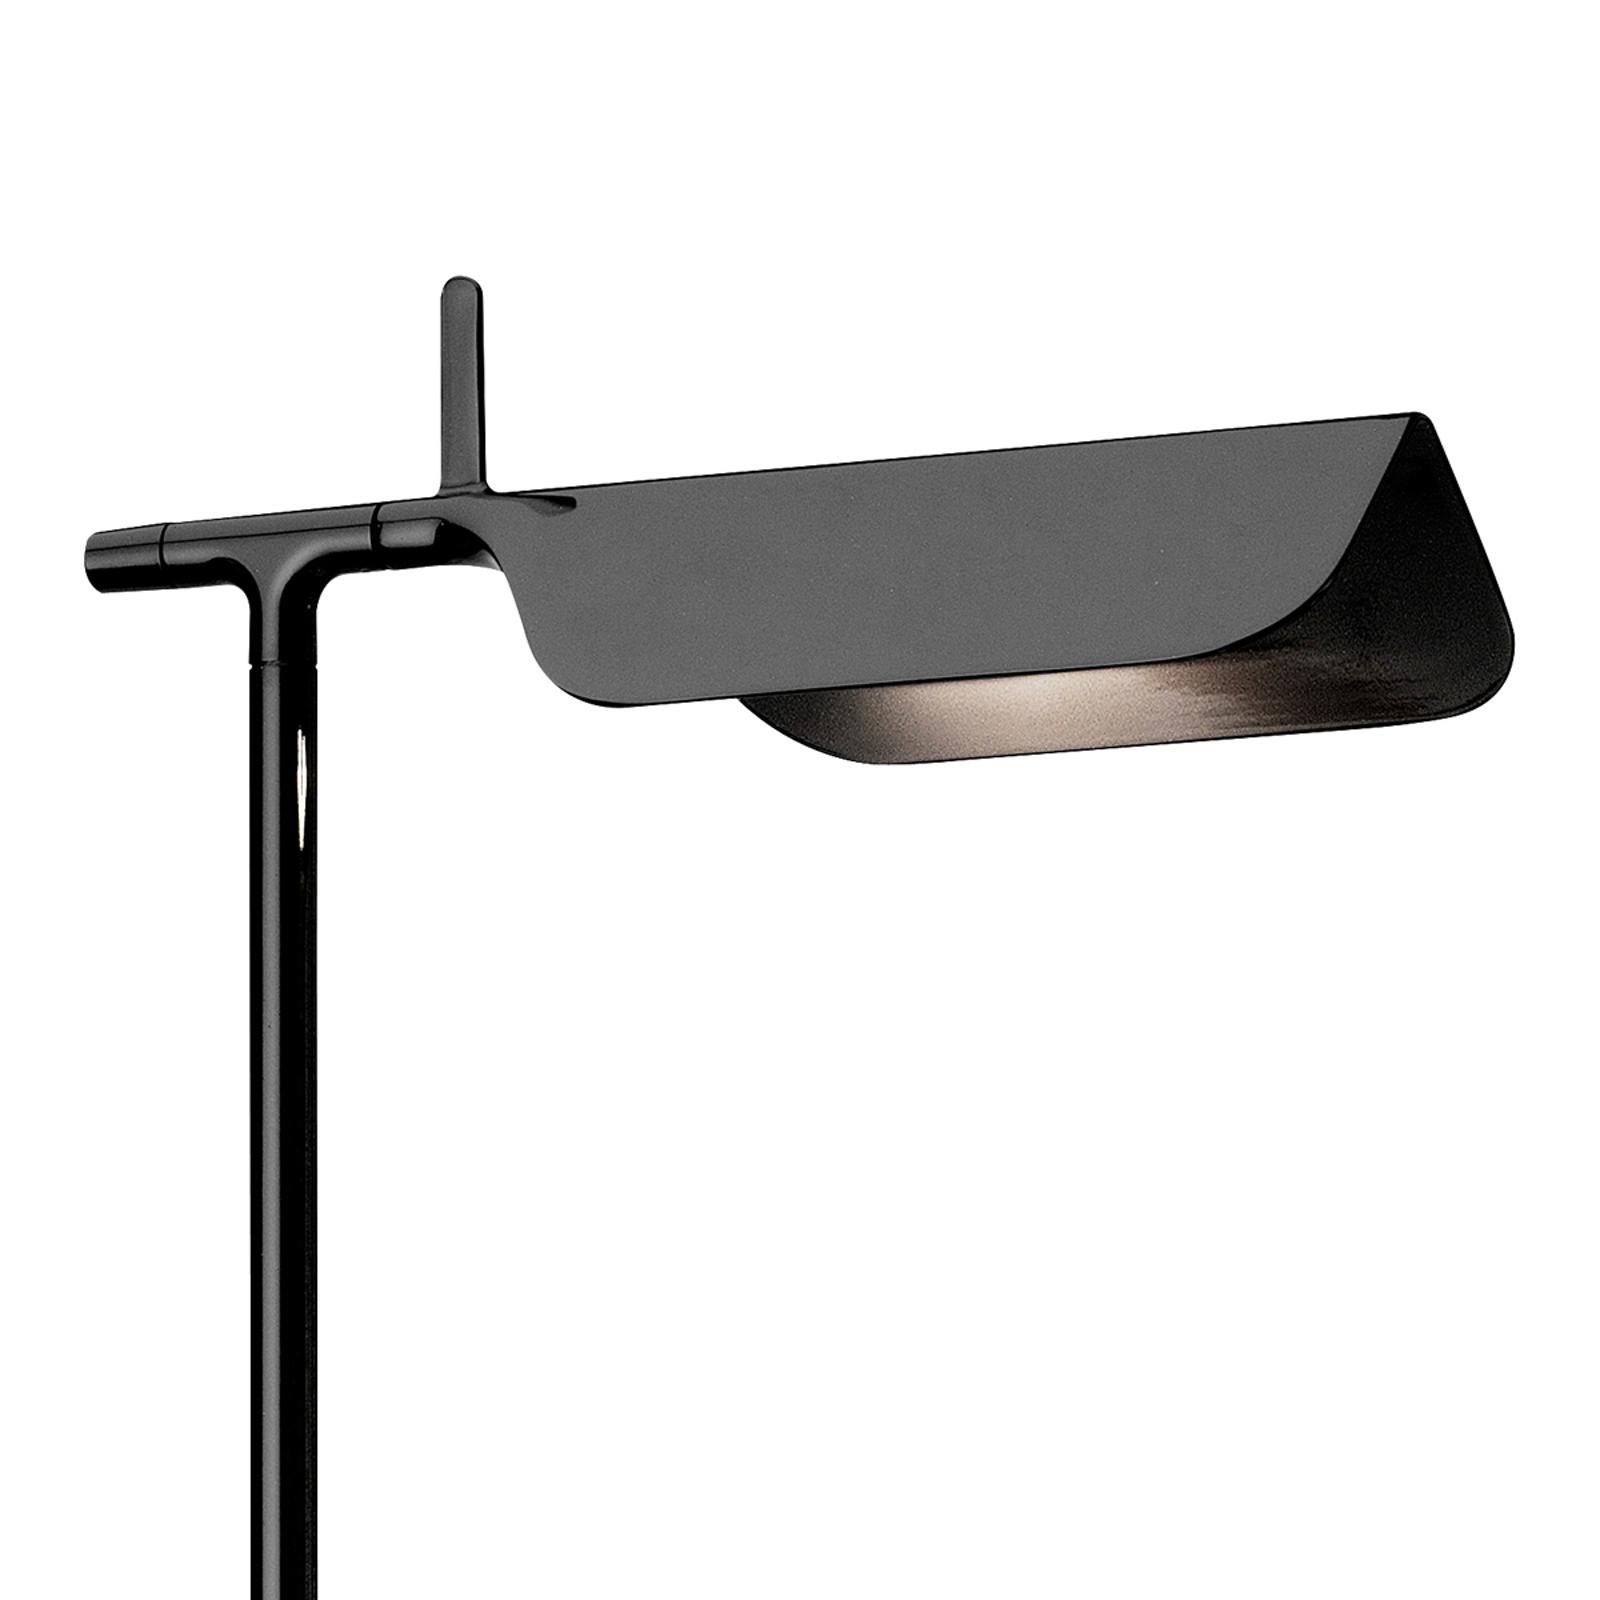 FLOS Tab F - LED stojací lampa, pohyblivá hlava